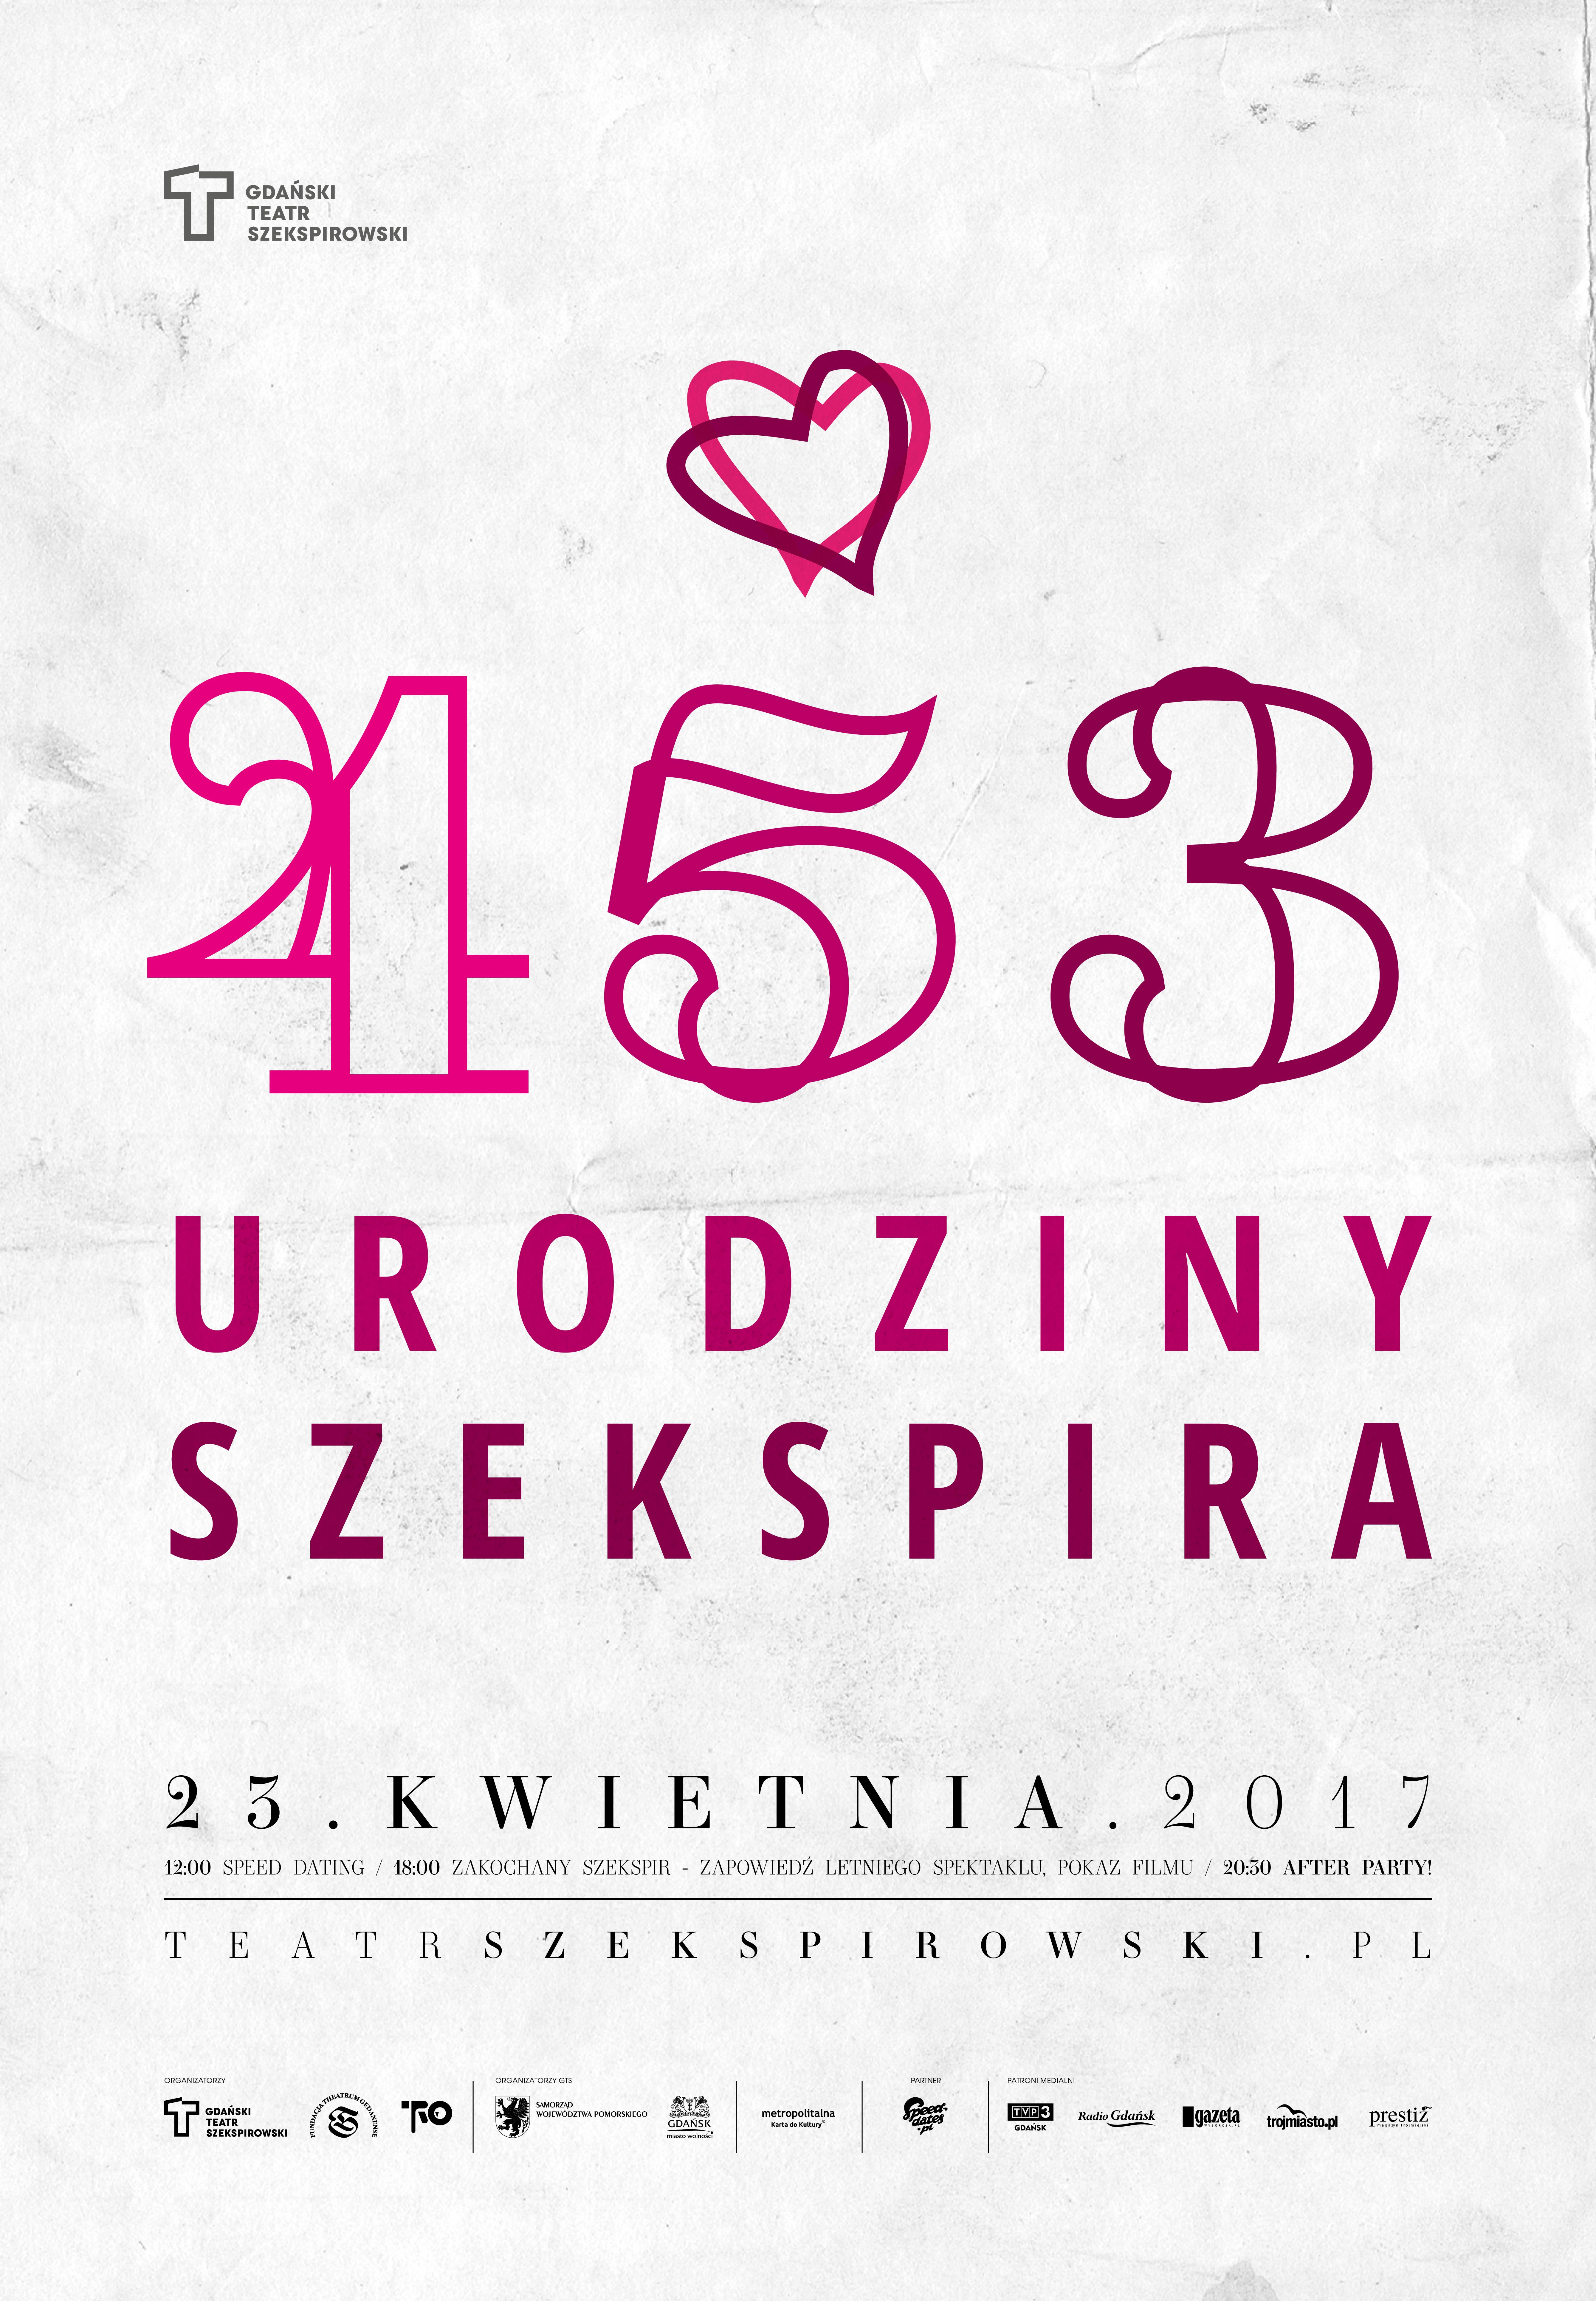 magazynkobiet.pl - uro szek b1 2017 druk1 - 453. Urodziny Williama Szekspira w Gdańsku